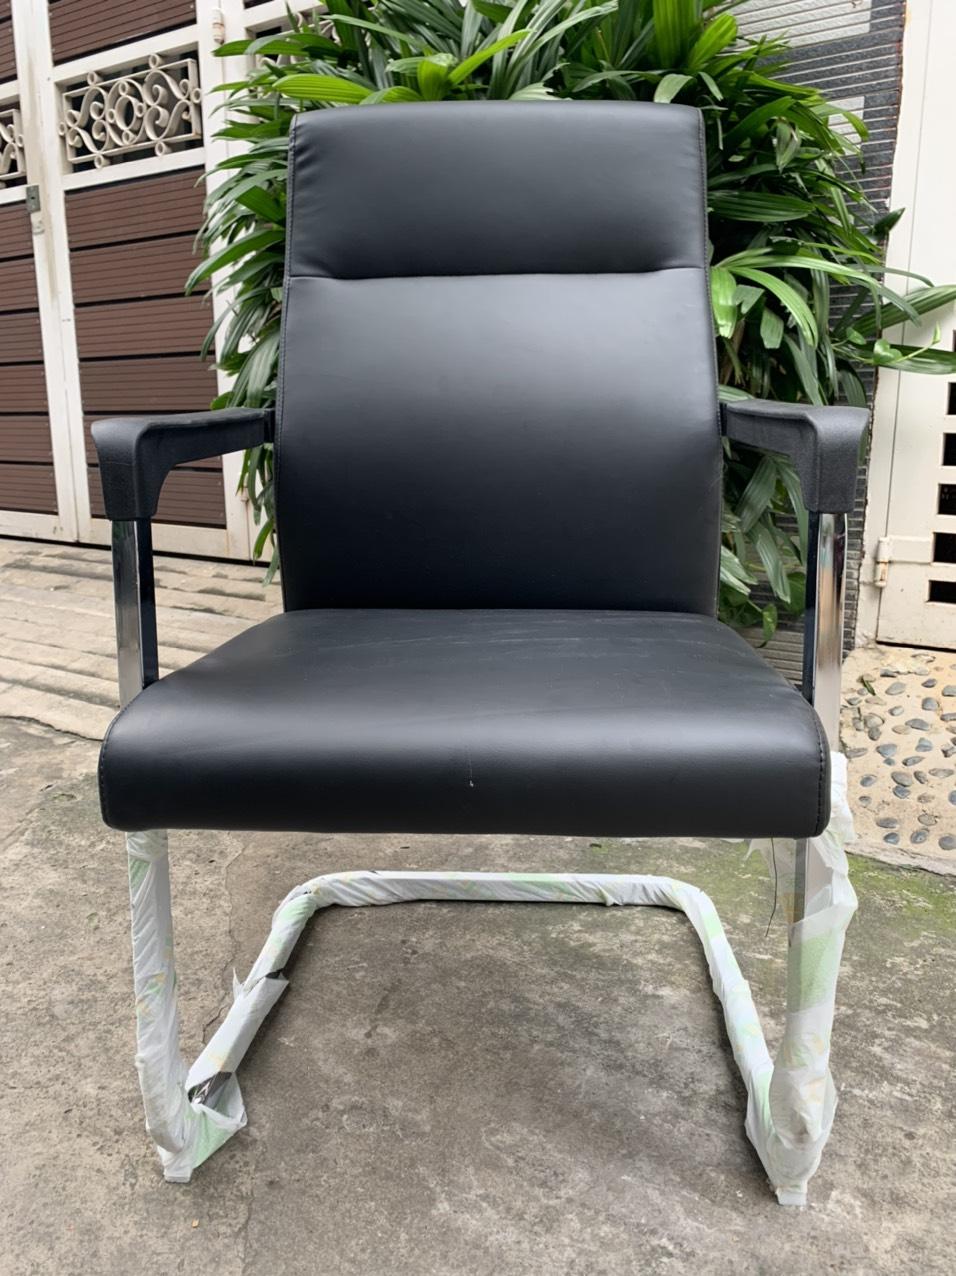 Ghế văn phòng chân quỳ bọc da PU giá rẻ : KG – D280